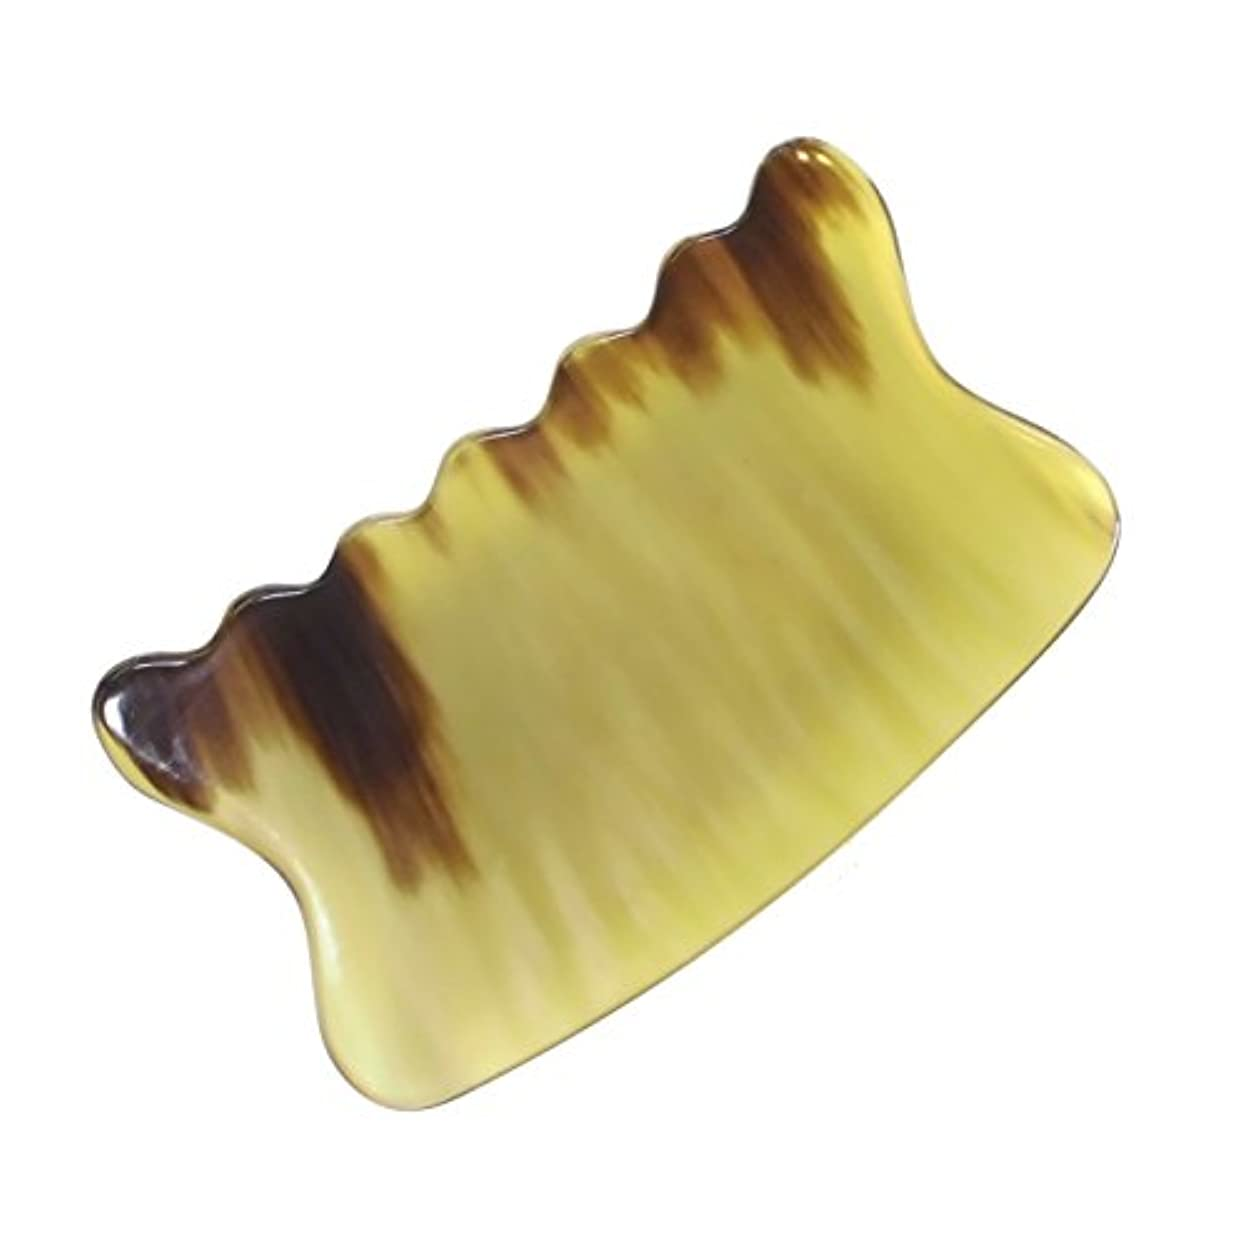 精算宣言事前にかっさ プレート 希少69 黄水牛角 極美品 曲波型